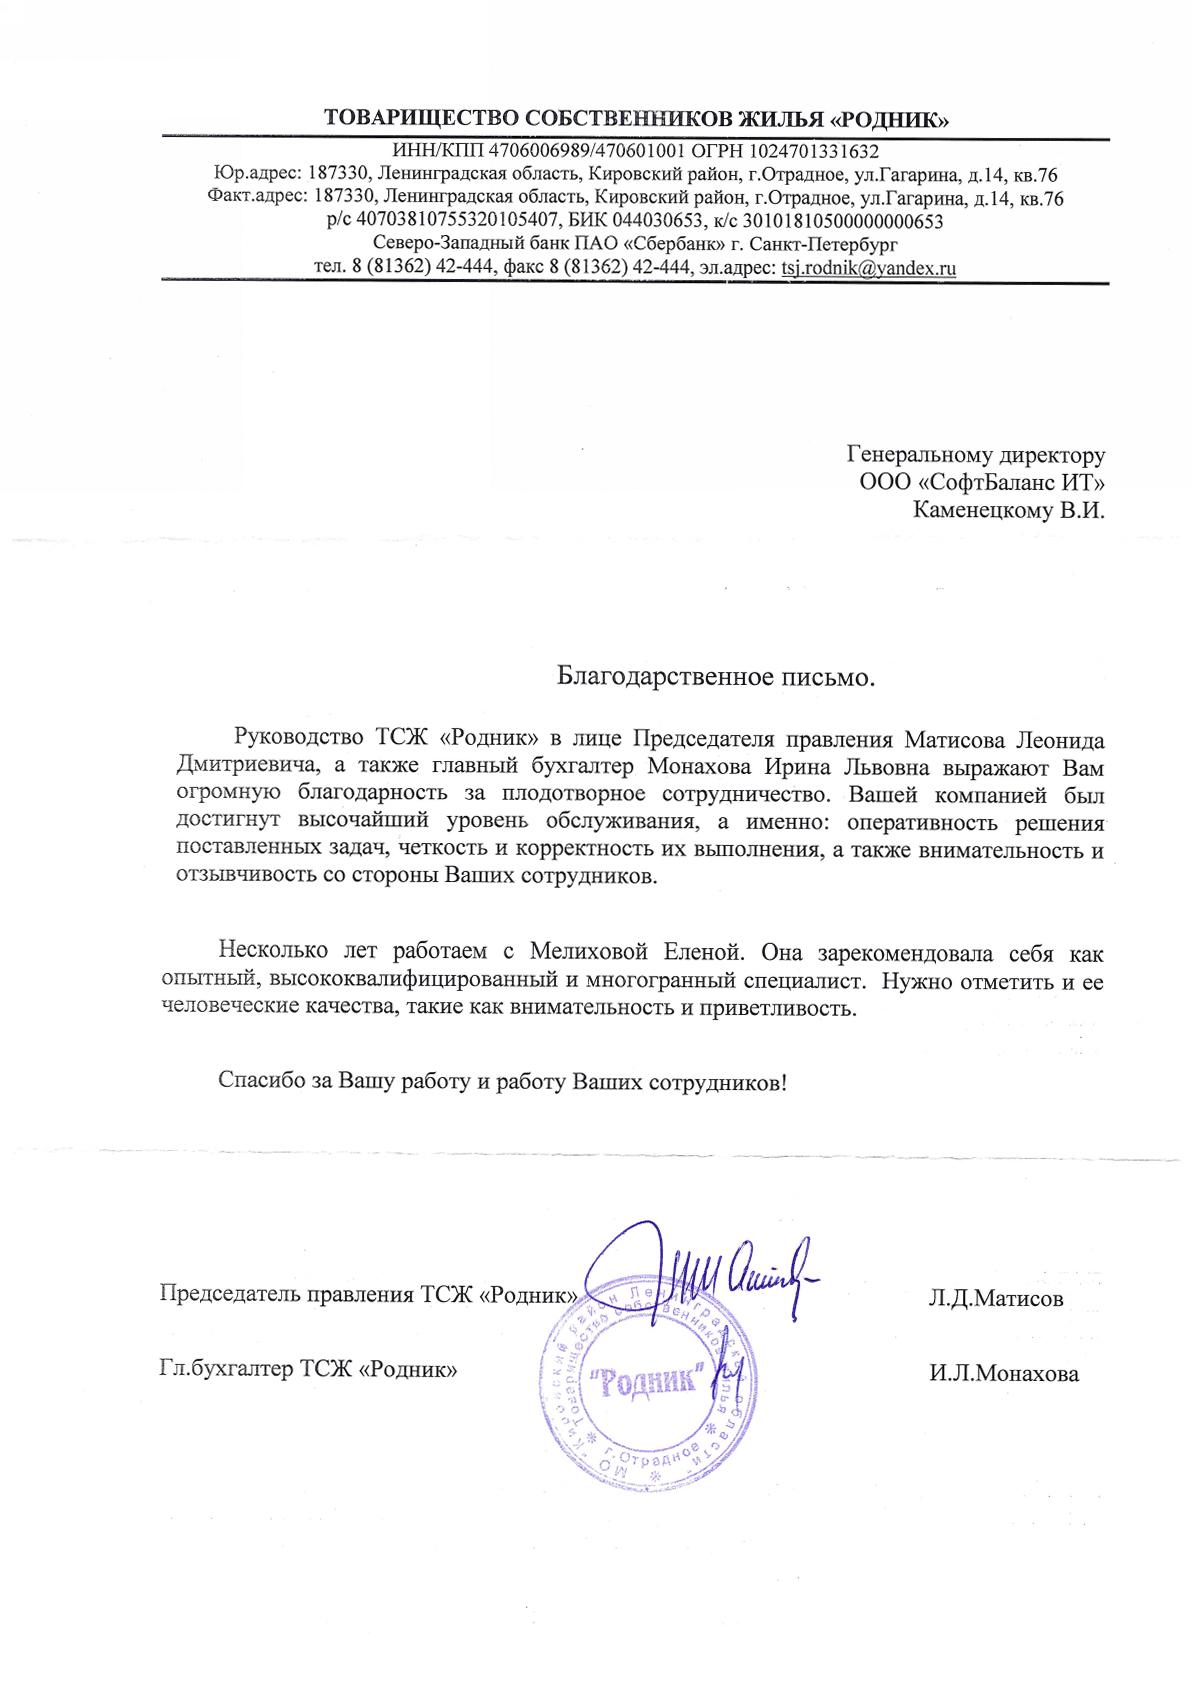 Договор на обслуживание 1с 1с в екатеринбурге аутсорсинг